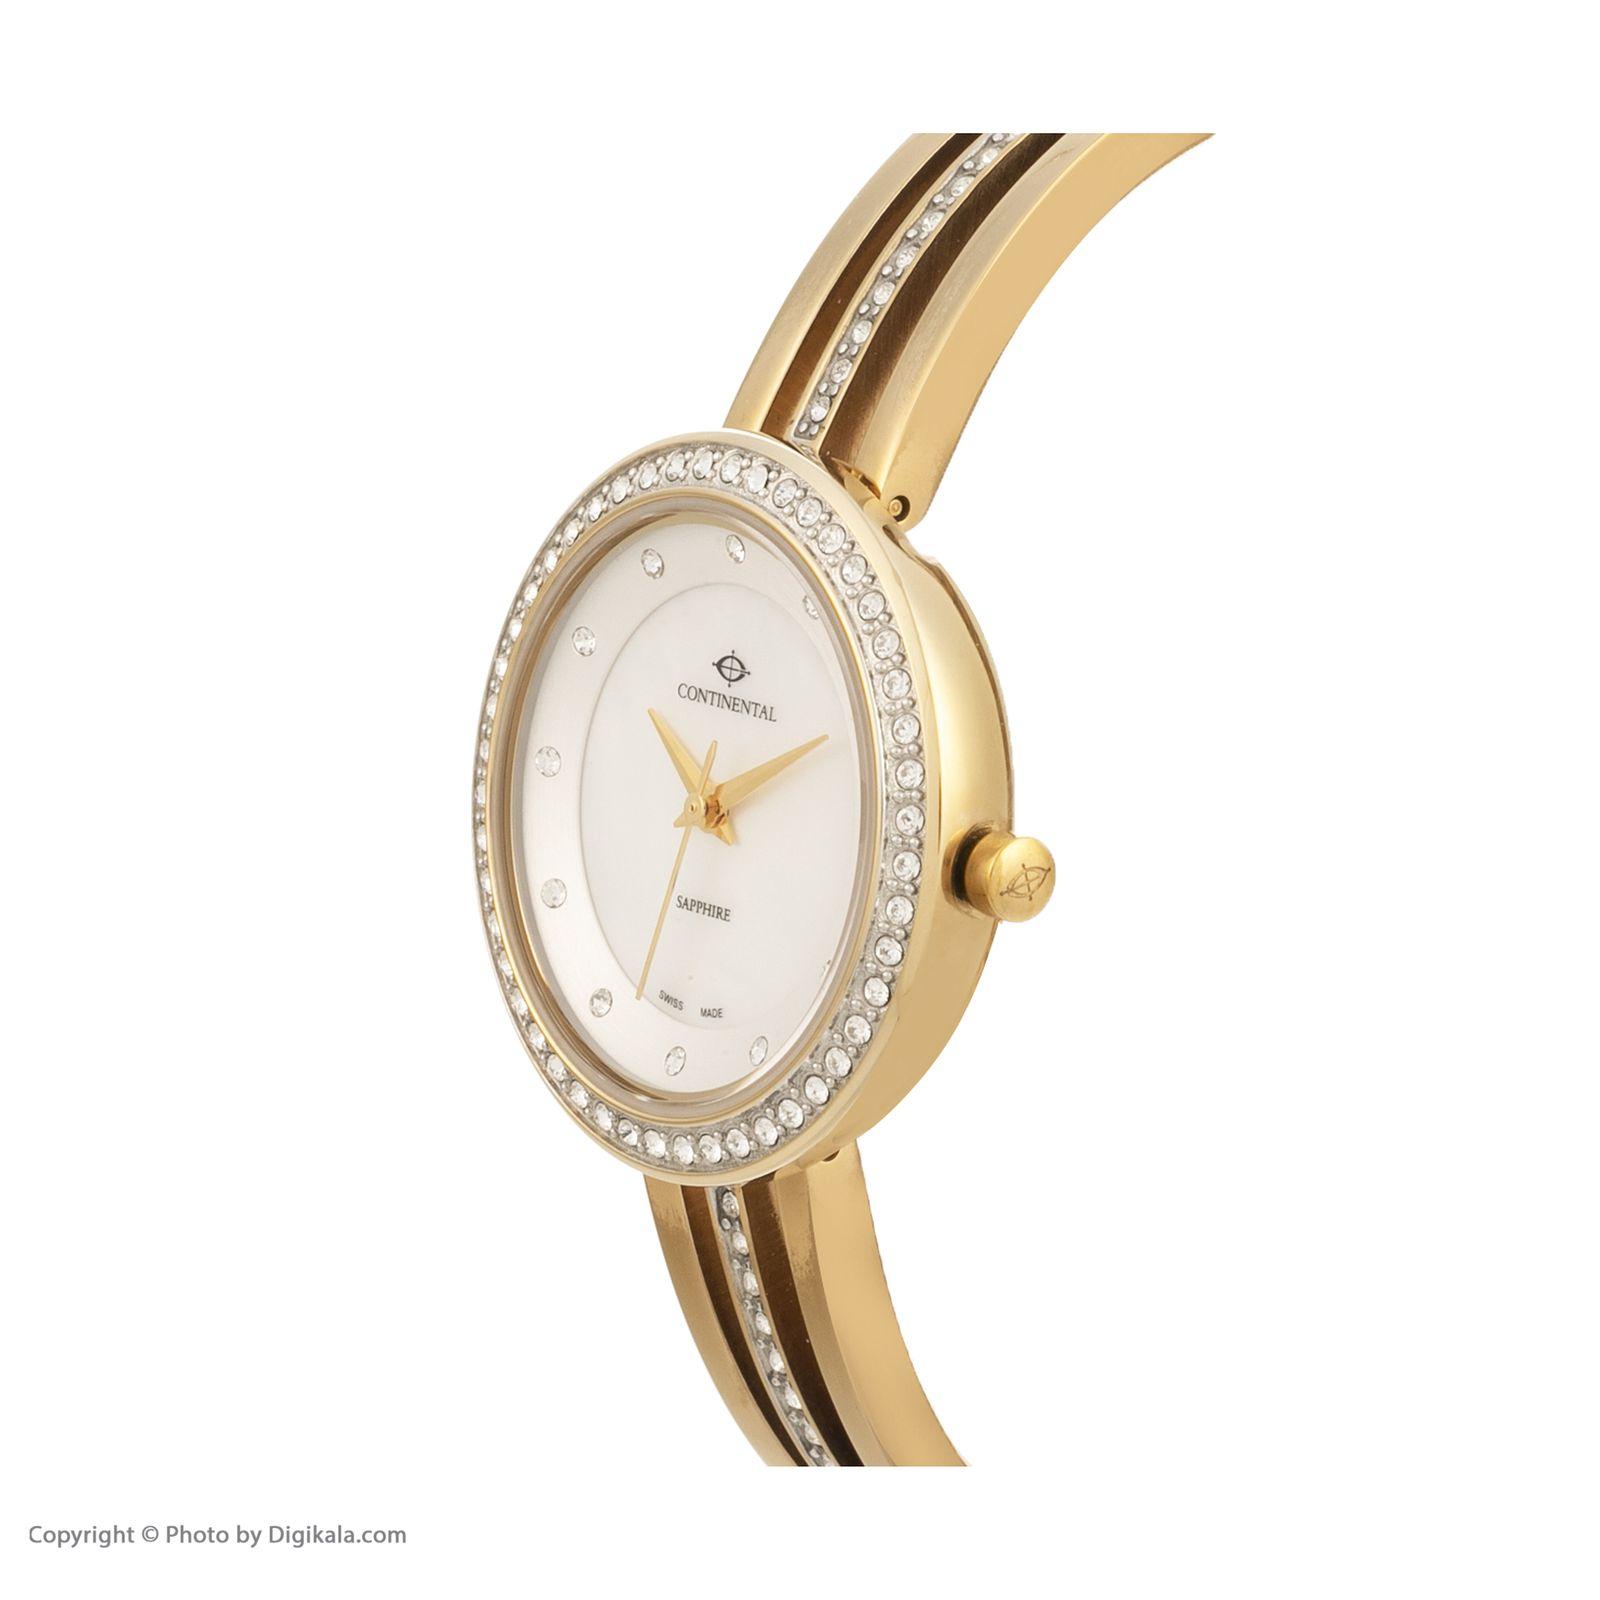 ساعت مچی عقربه ای زنانه کنتیننتال مدل 17002-LT202501 -  - 2